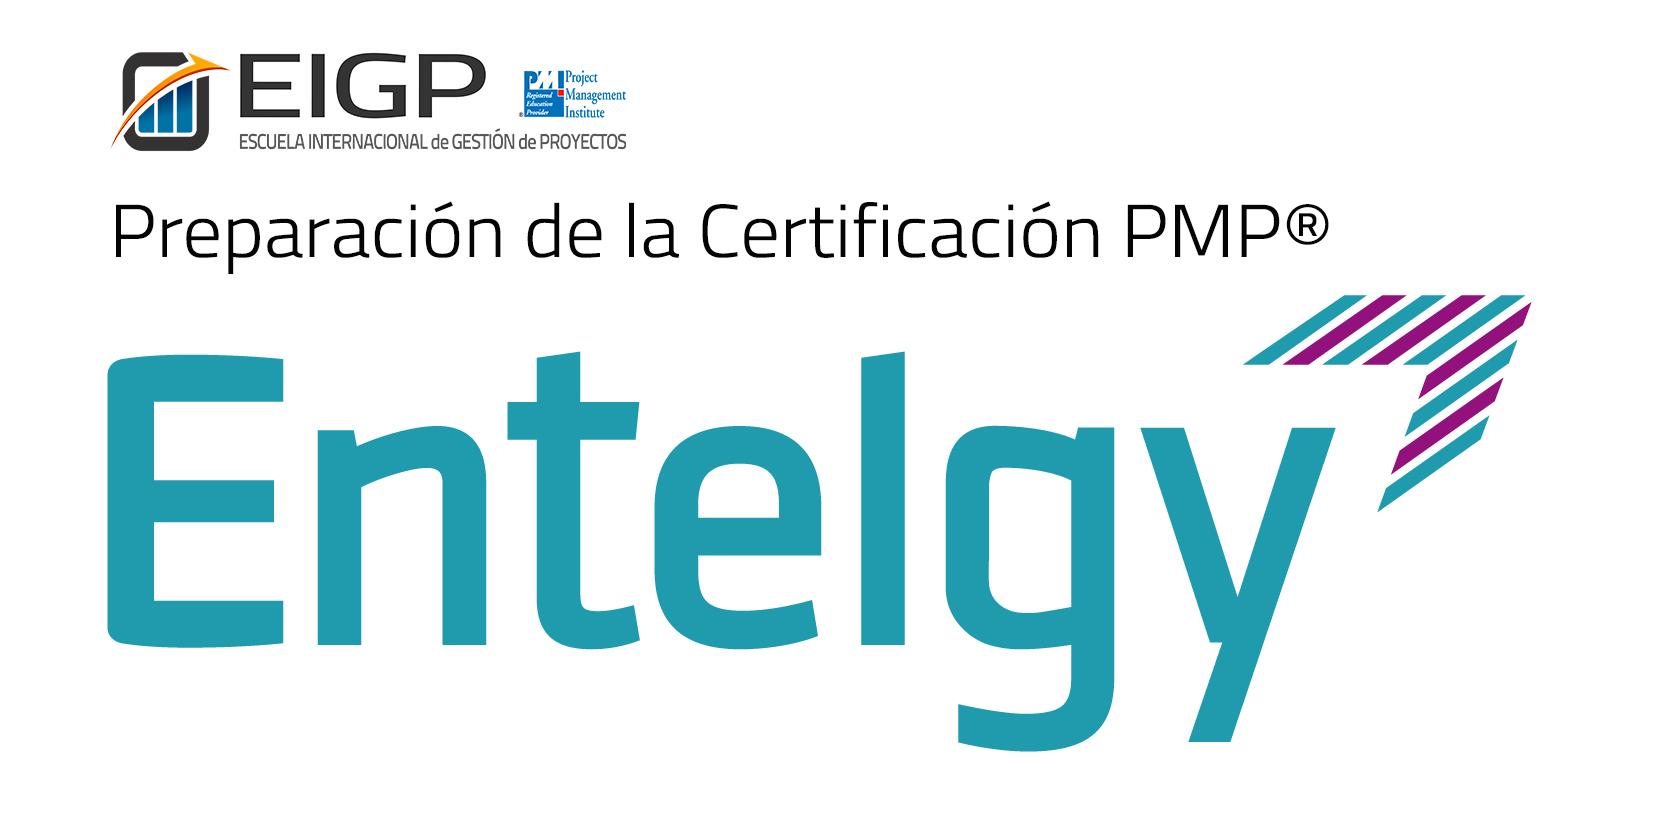 Curso de Preparación de la Certificación PMP / Empleados ENTELGY